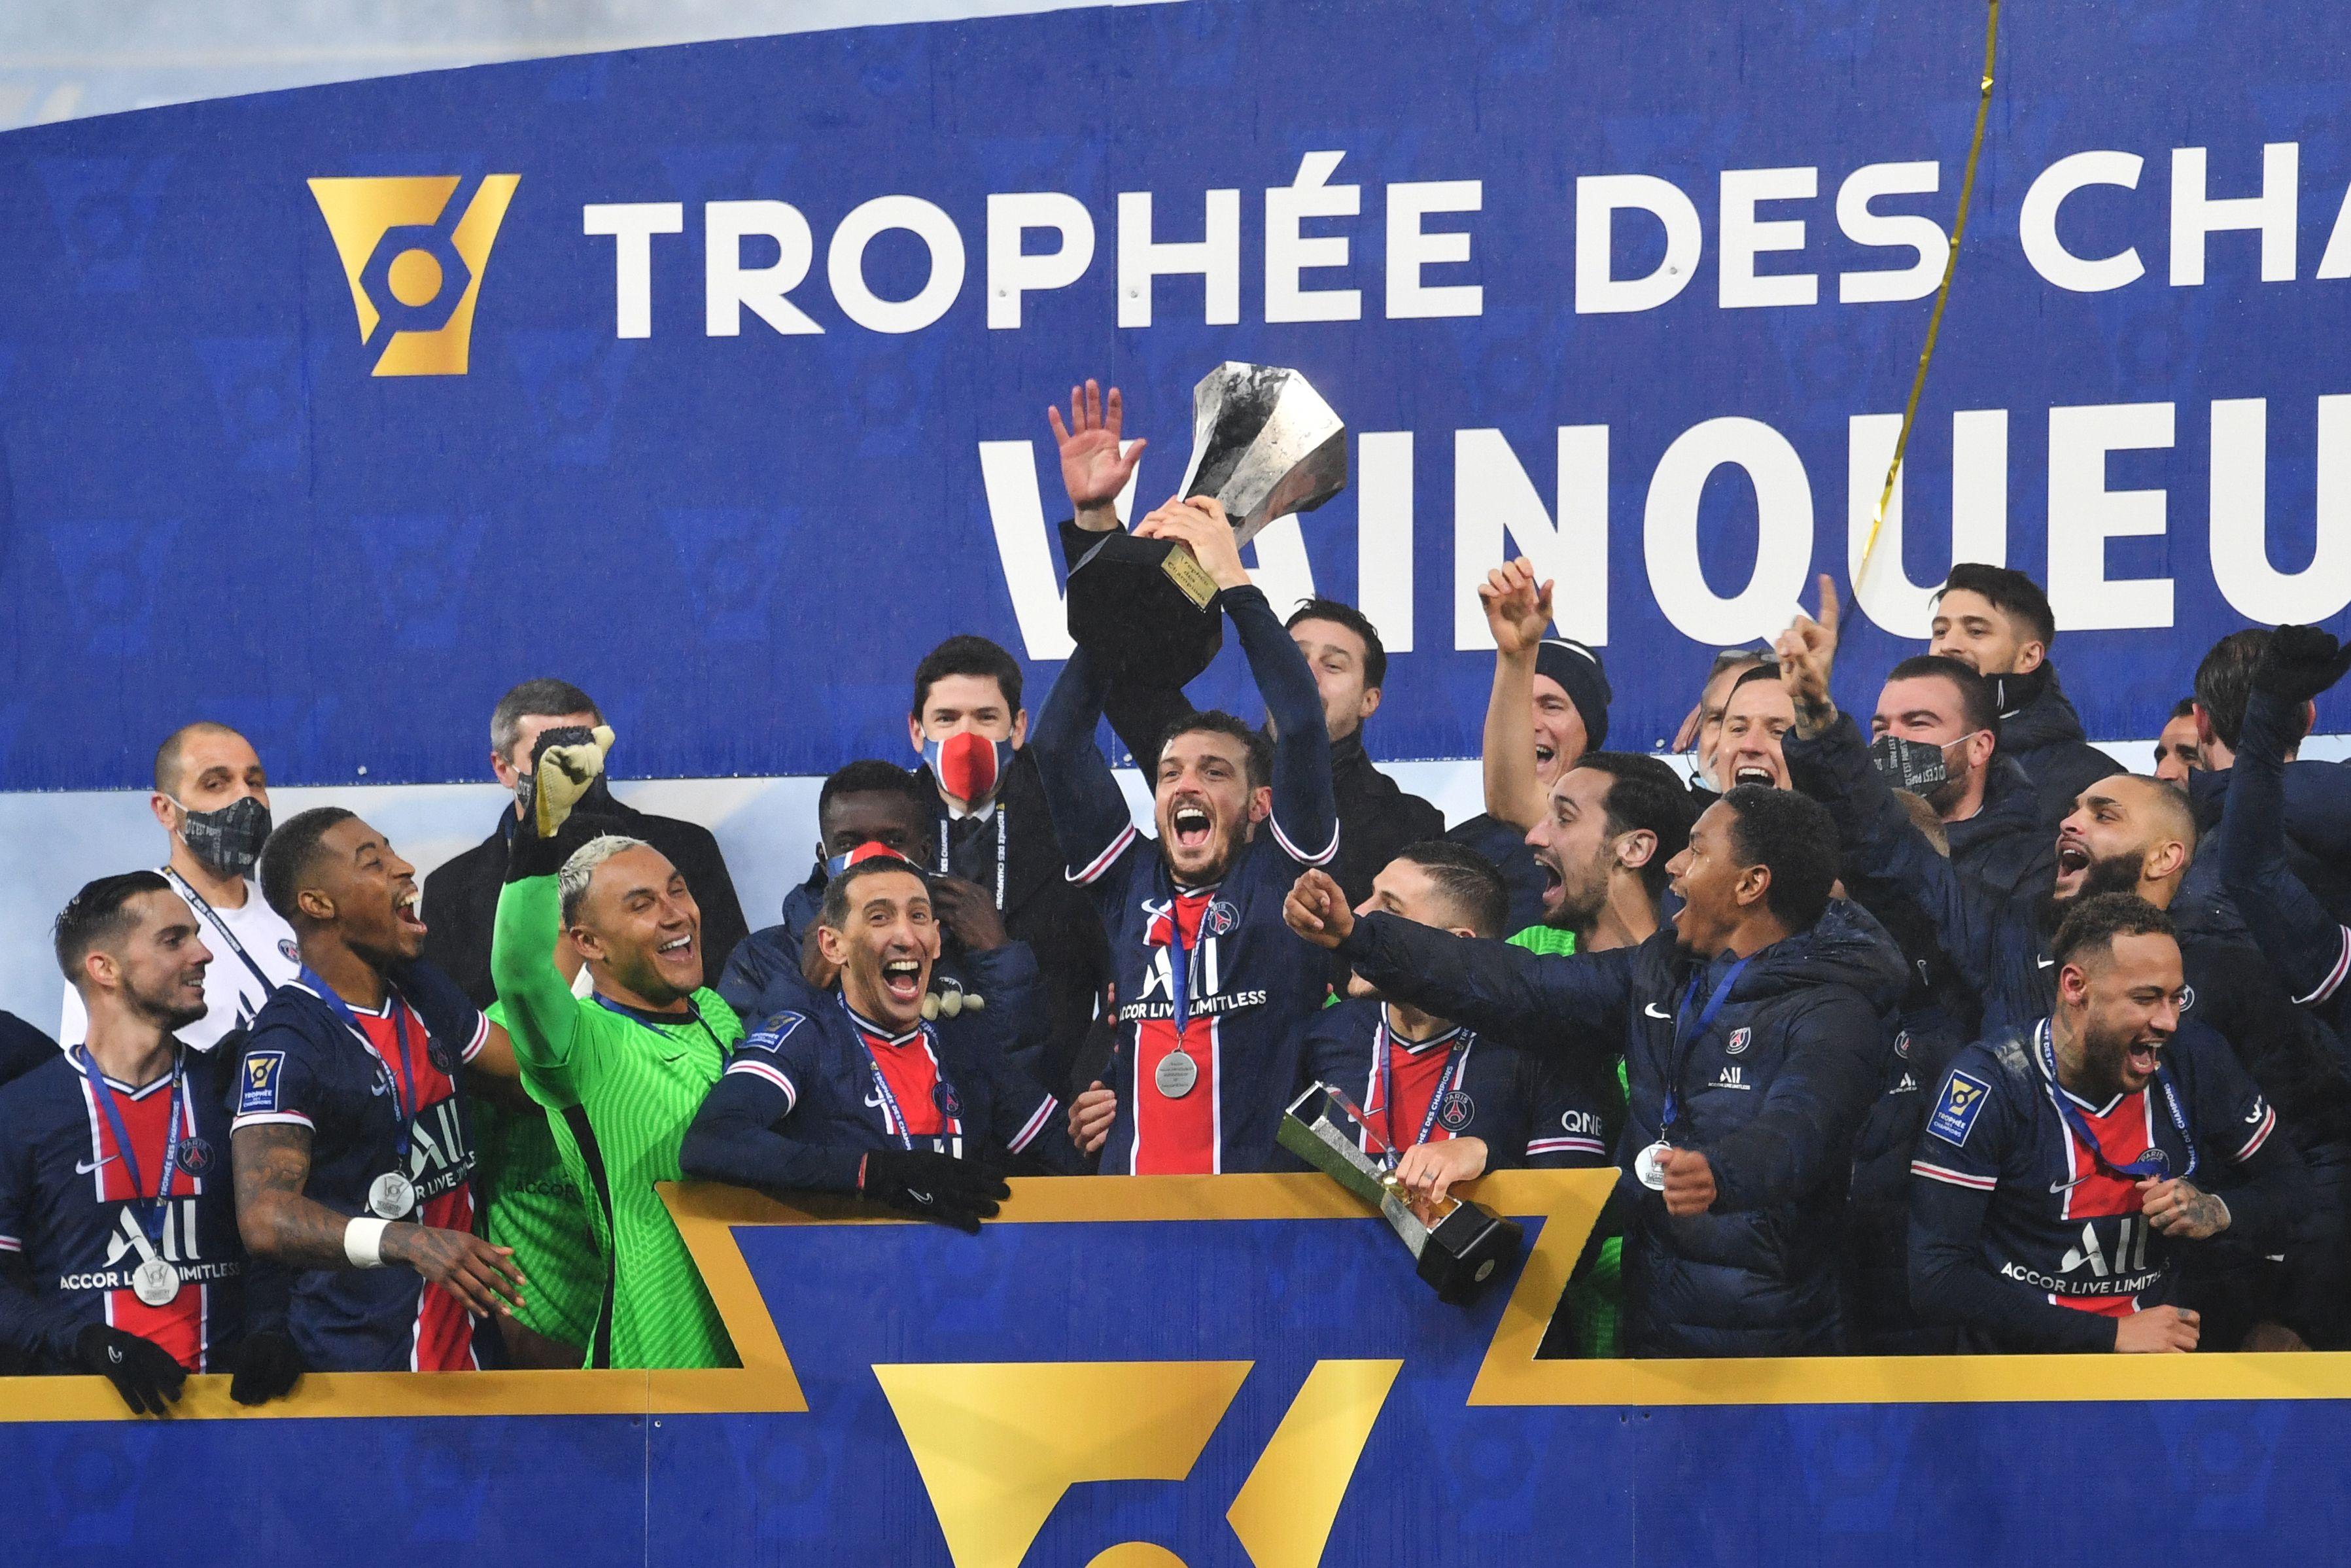 Trophée des champions: Le Paris SG remporte le titre aux dépens de Marseille